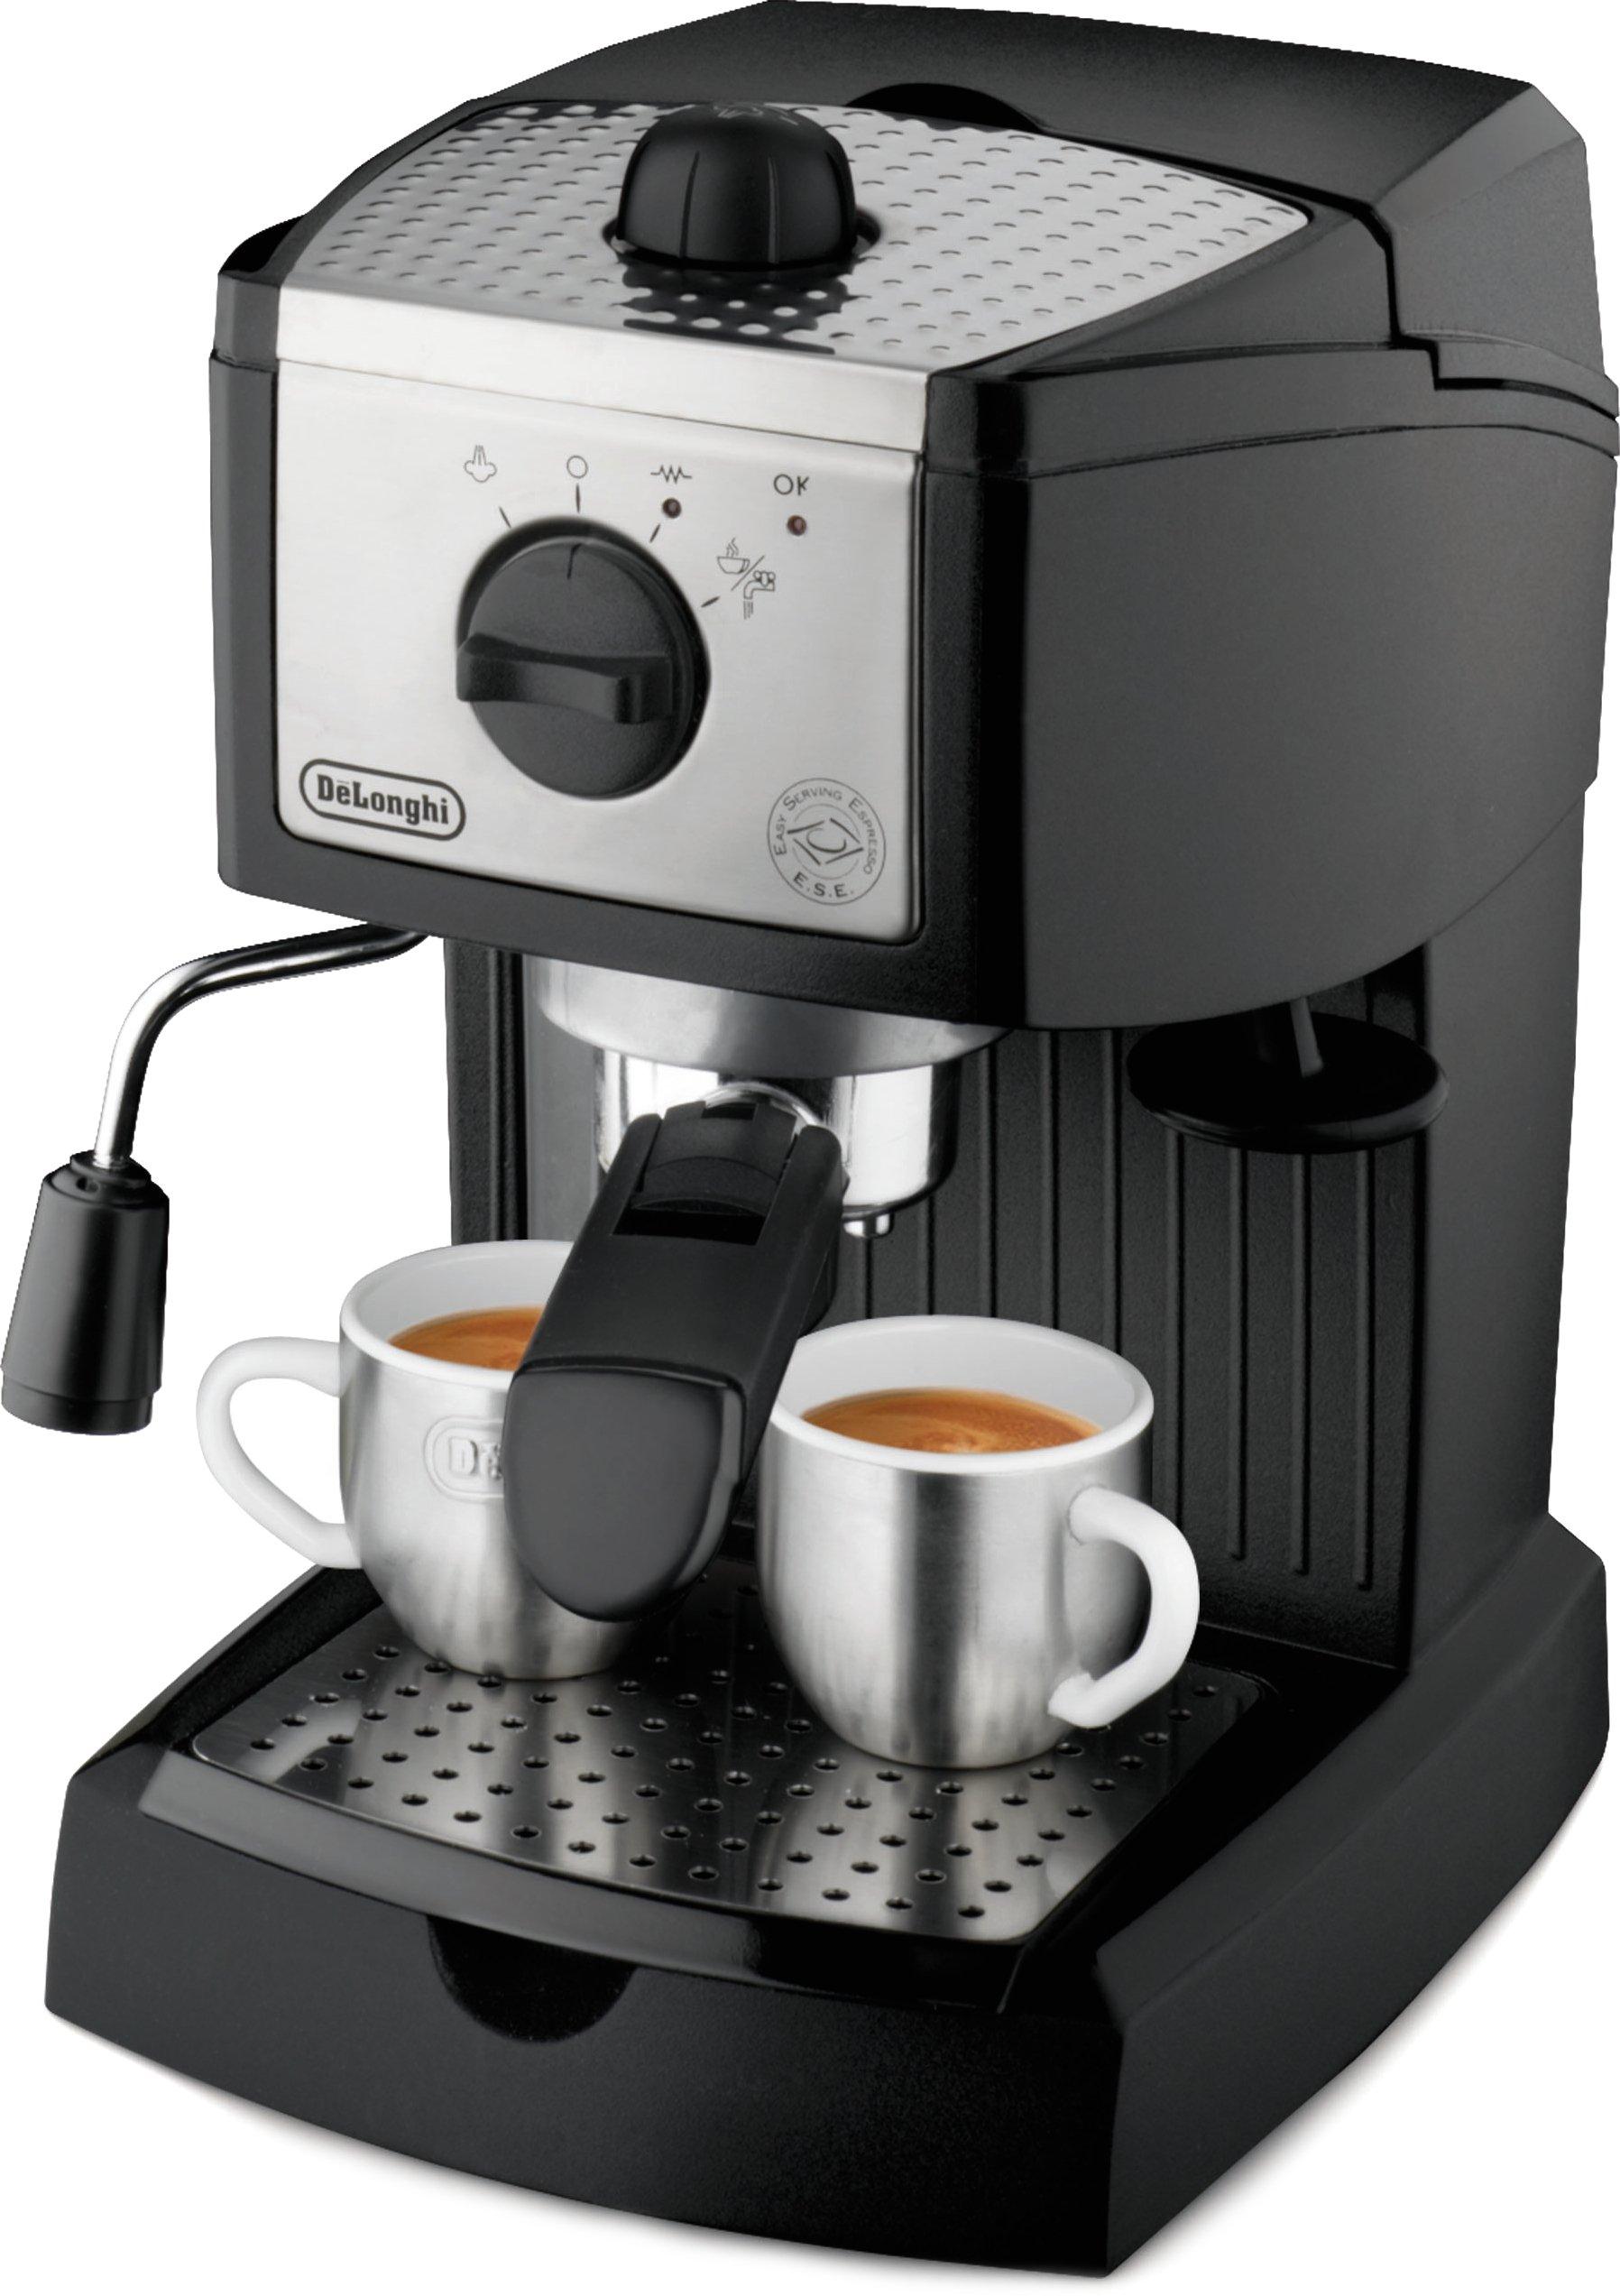 De'Longhi EC155 15 BAR Pump Espresso and Cappuccino Maker by DeLonghi